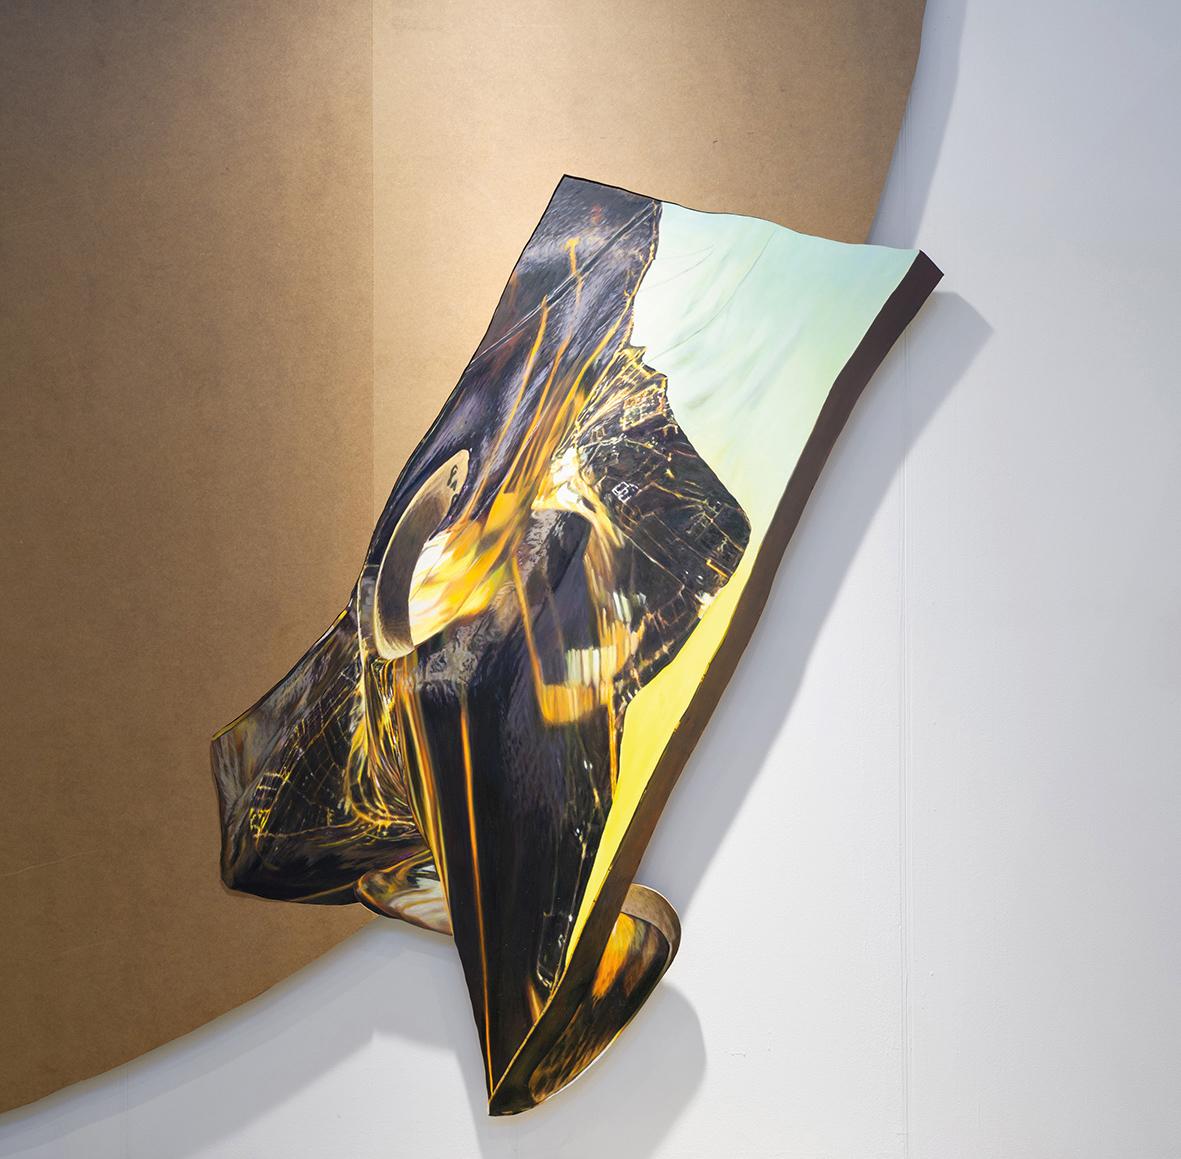 NÖ Waldviertel Galerie Kunst - Stefan Reiterer, Terese Kasalicky und Matthias Peyker